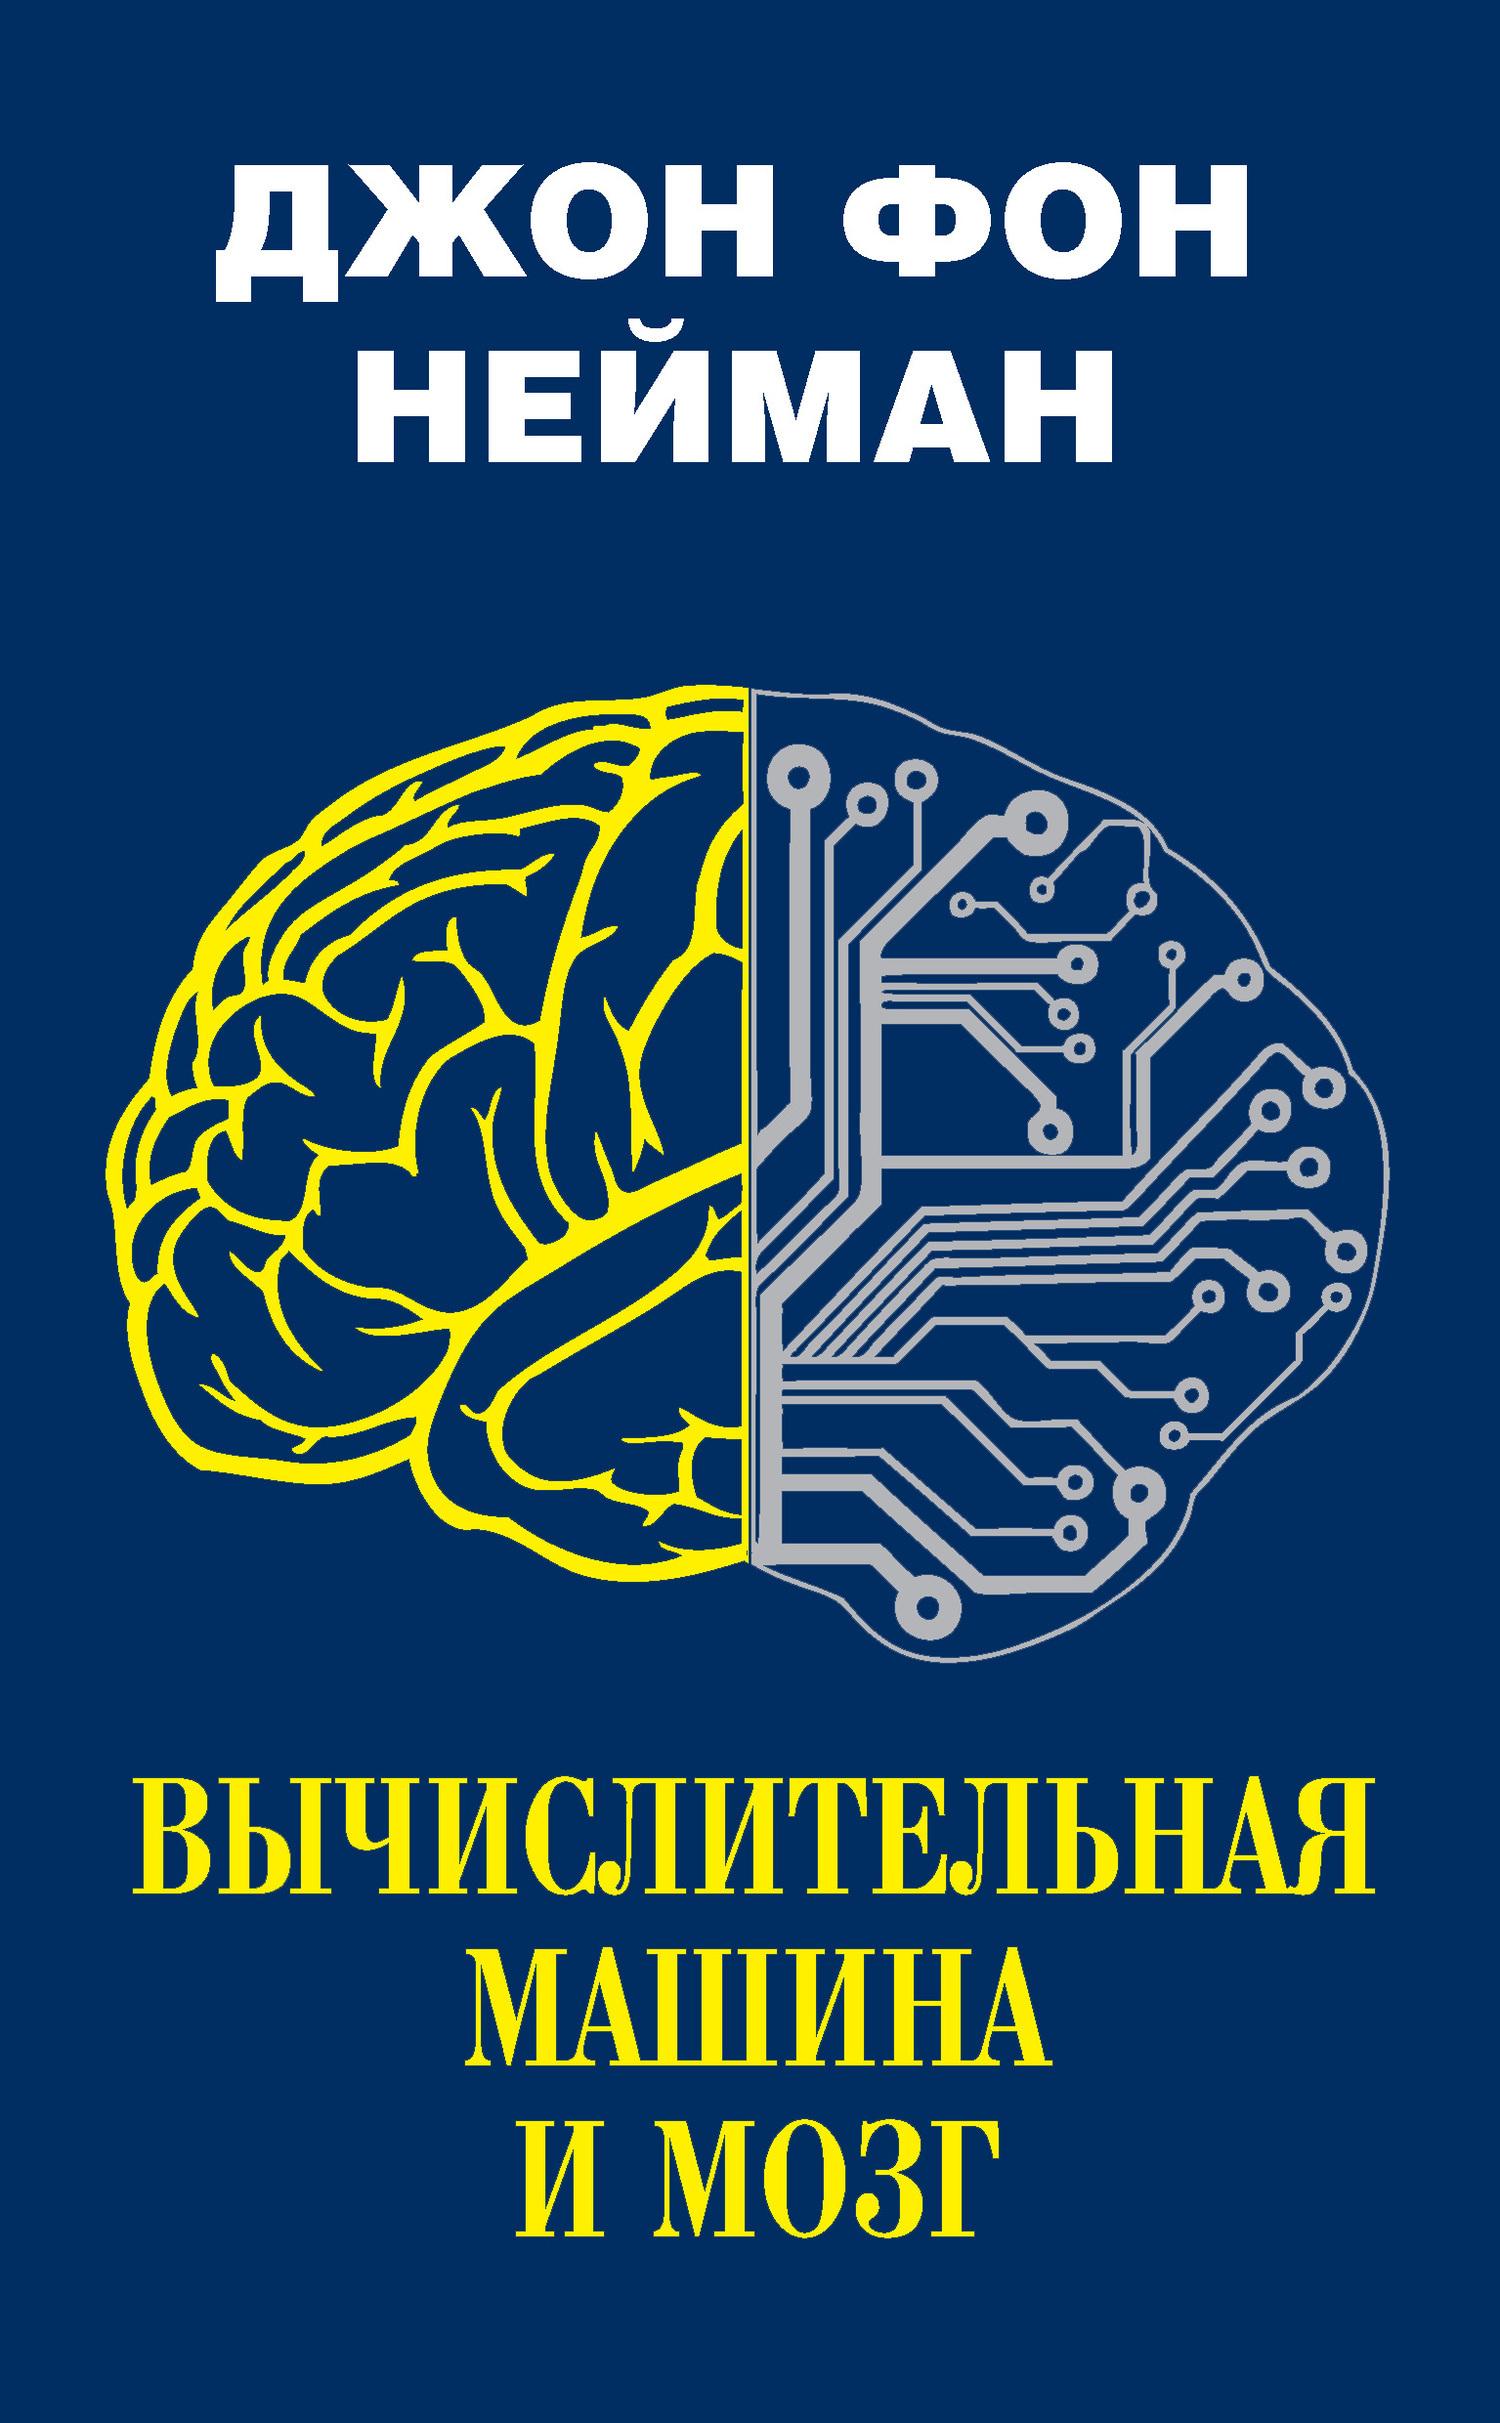 Джон фон Нейман - Вычислительная машина и мозг